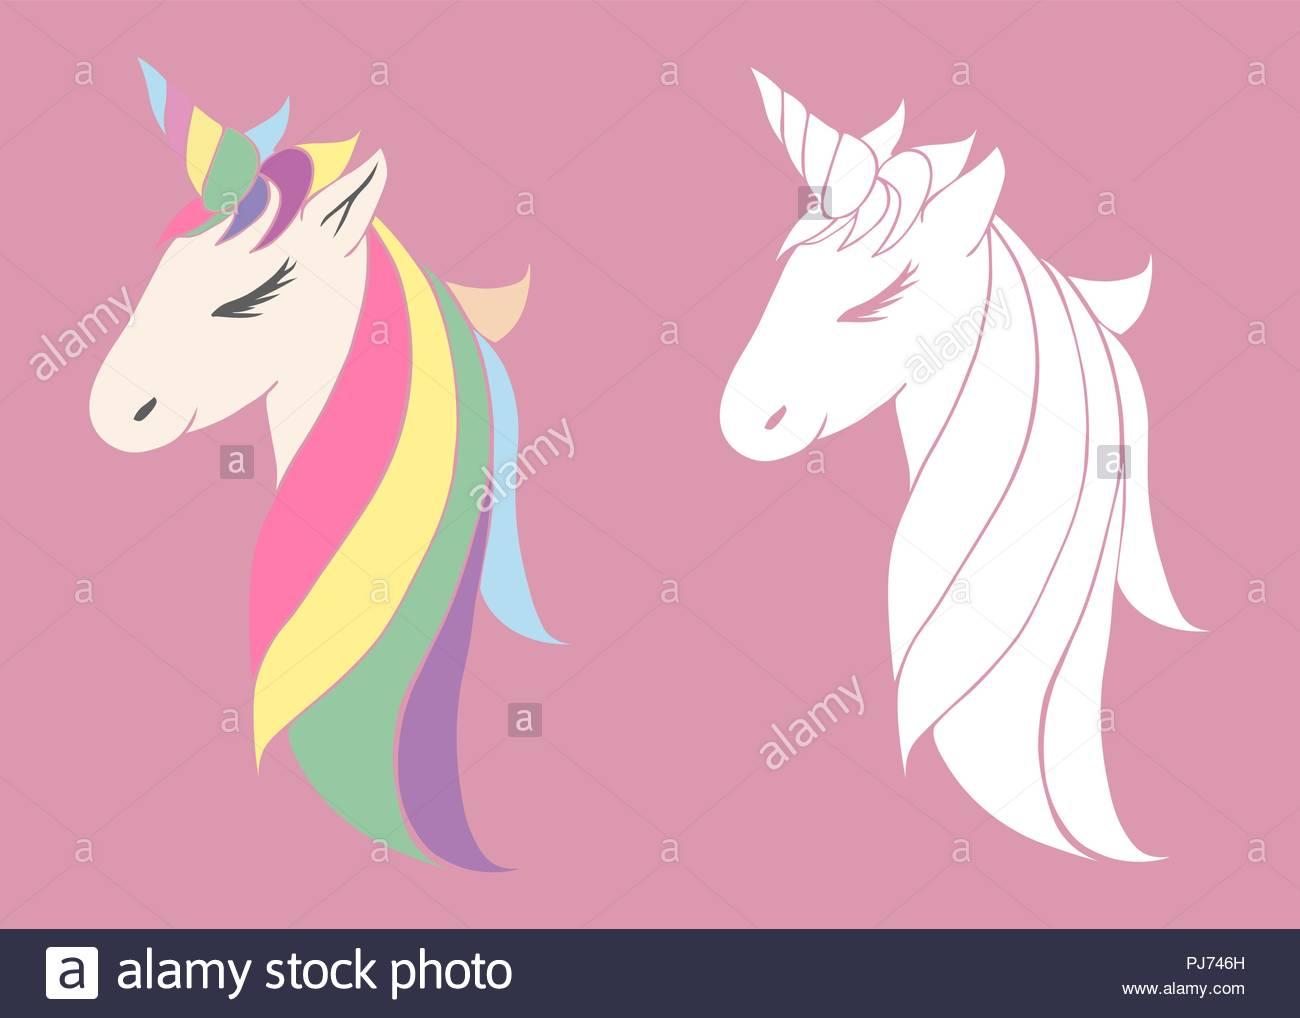 Imagenes De Cara Unicornio Para Colorear Apanageetcom